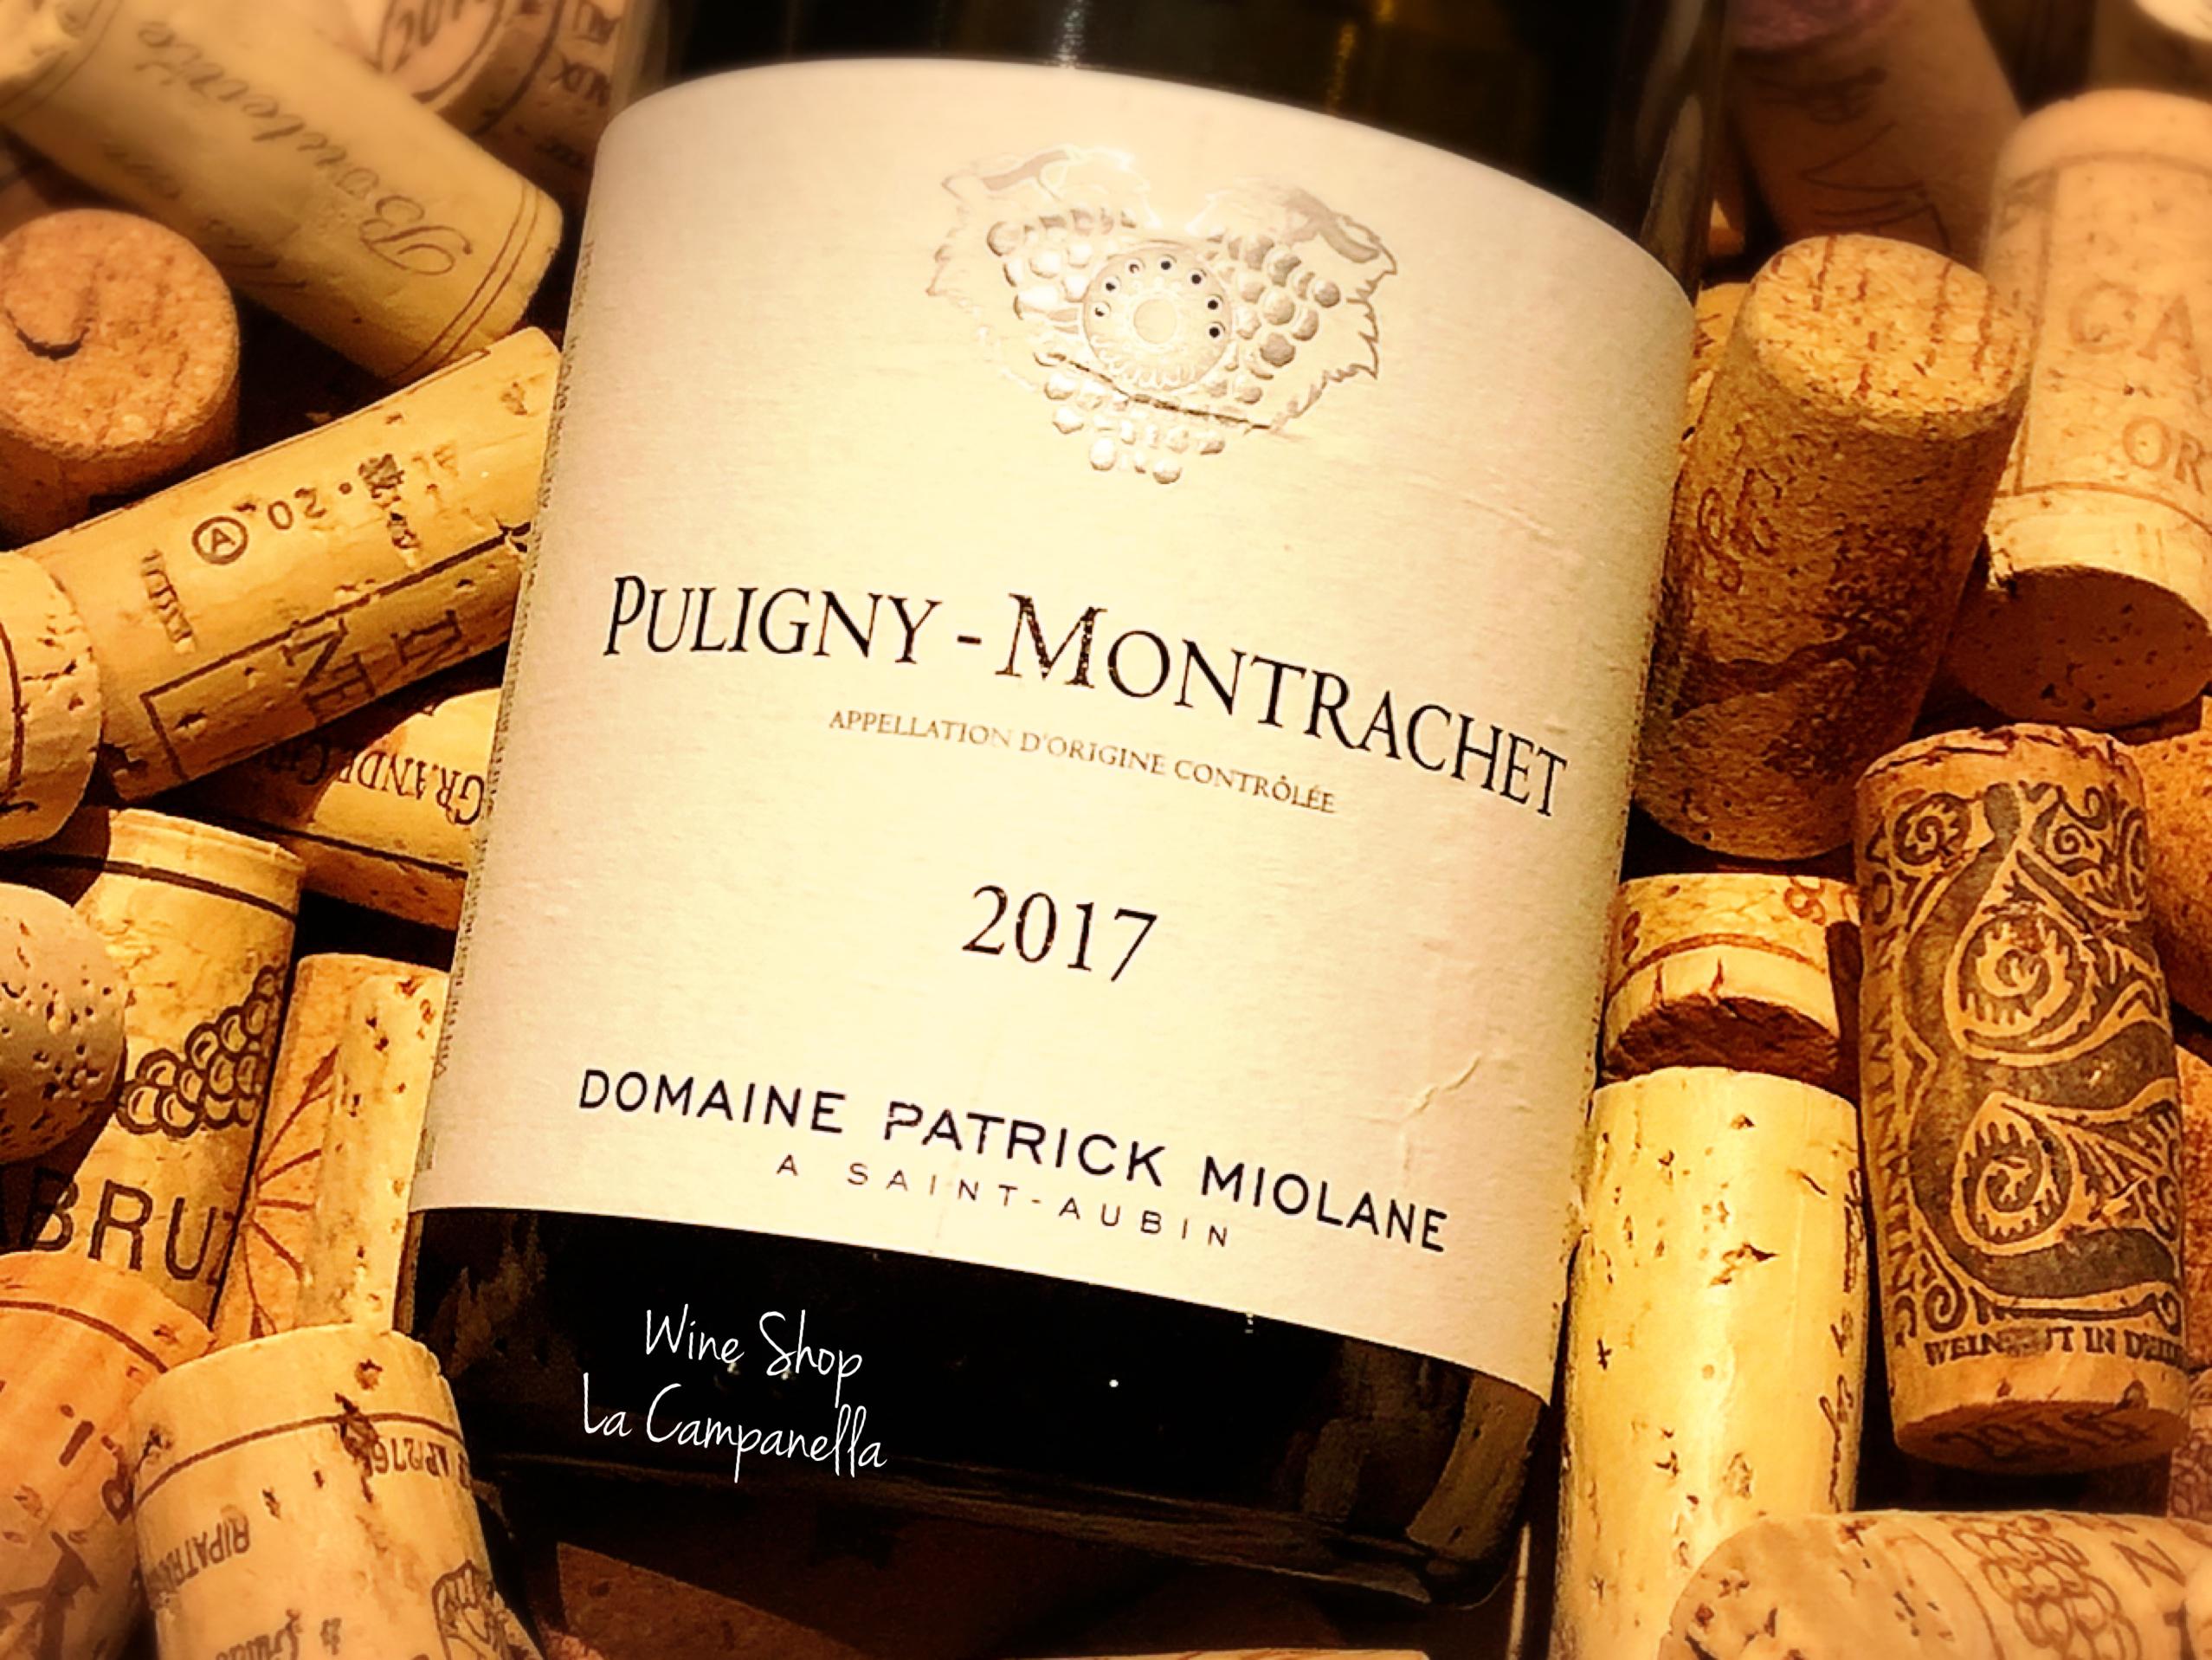 Puligny Montrachet 2017 Domaine Patrick Miolane